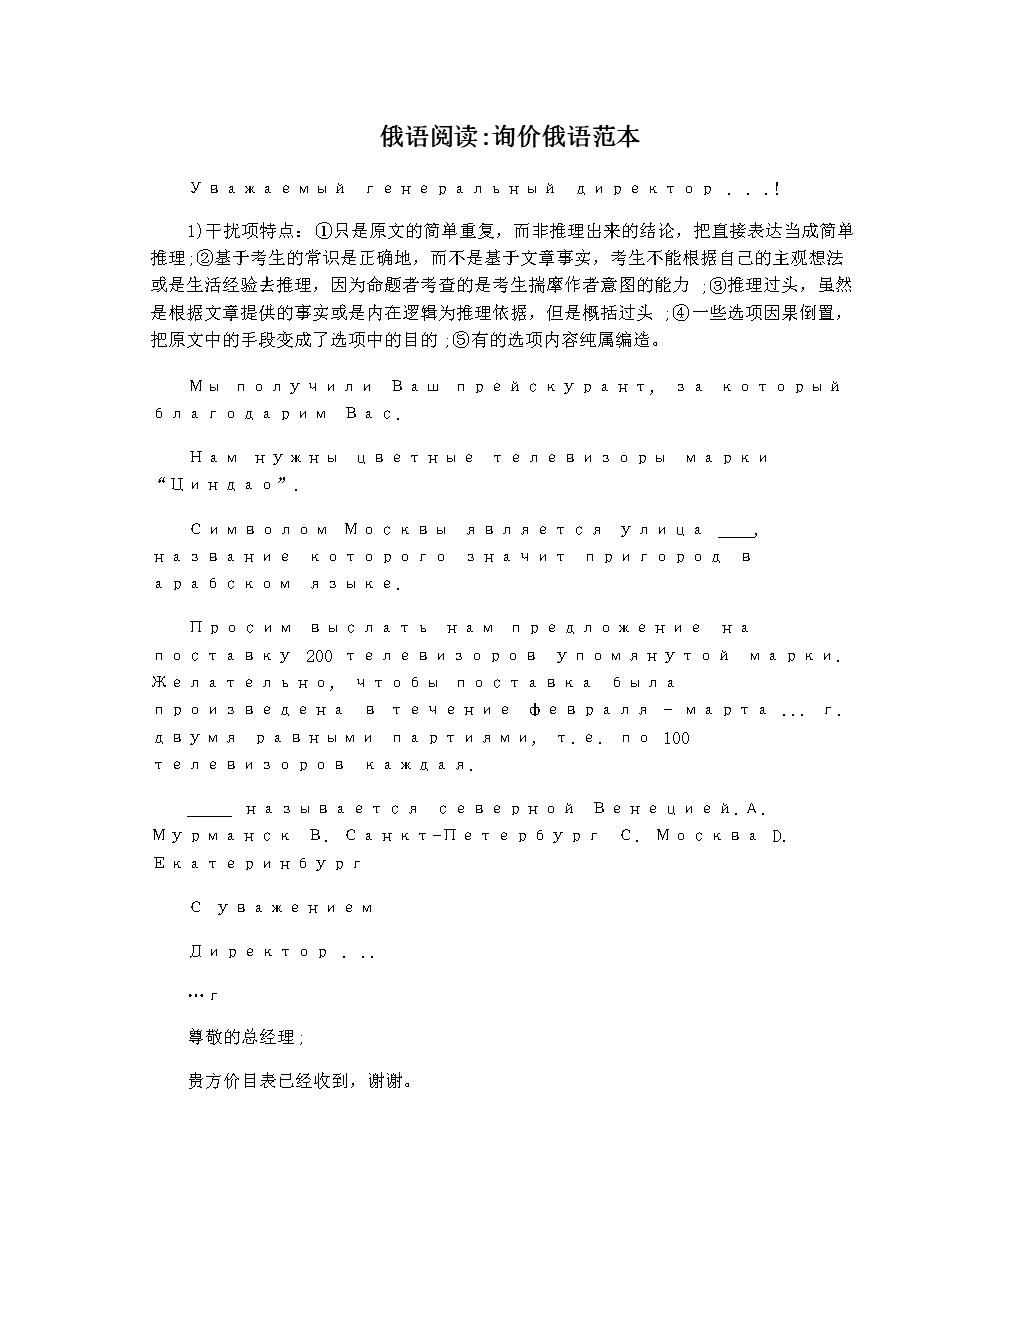 俄语阅读询价俄语范本.docx